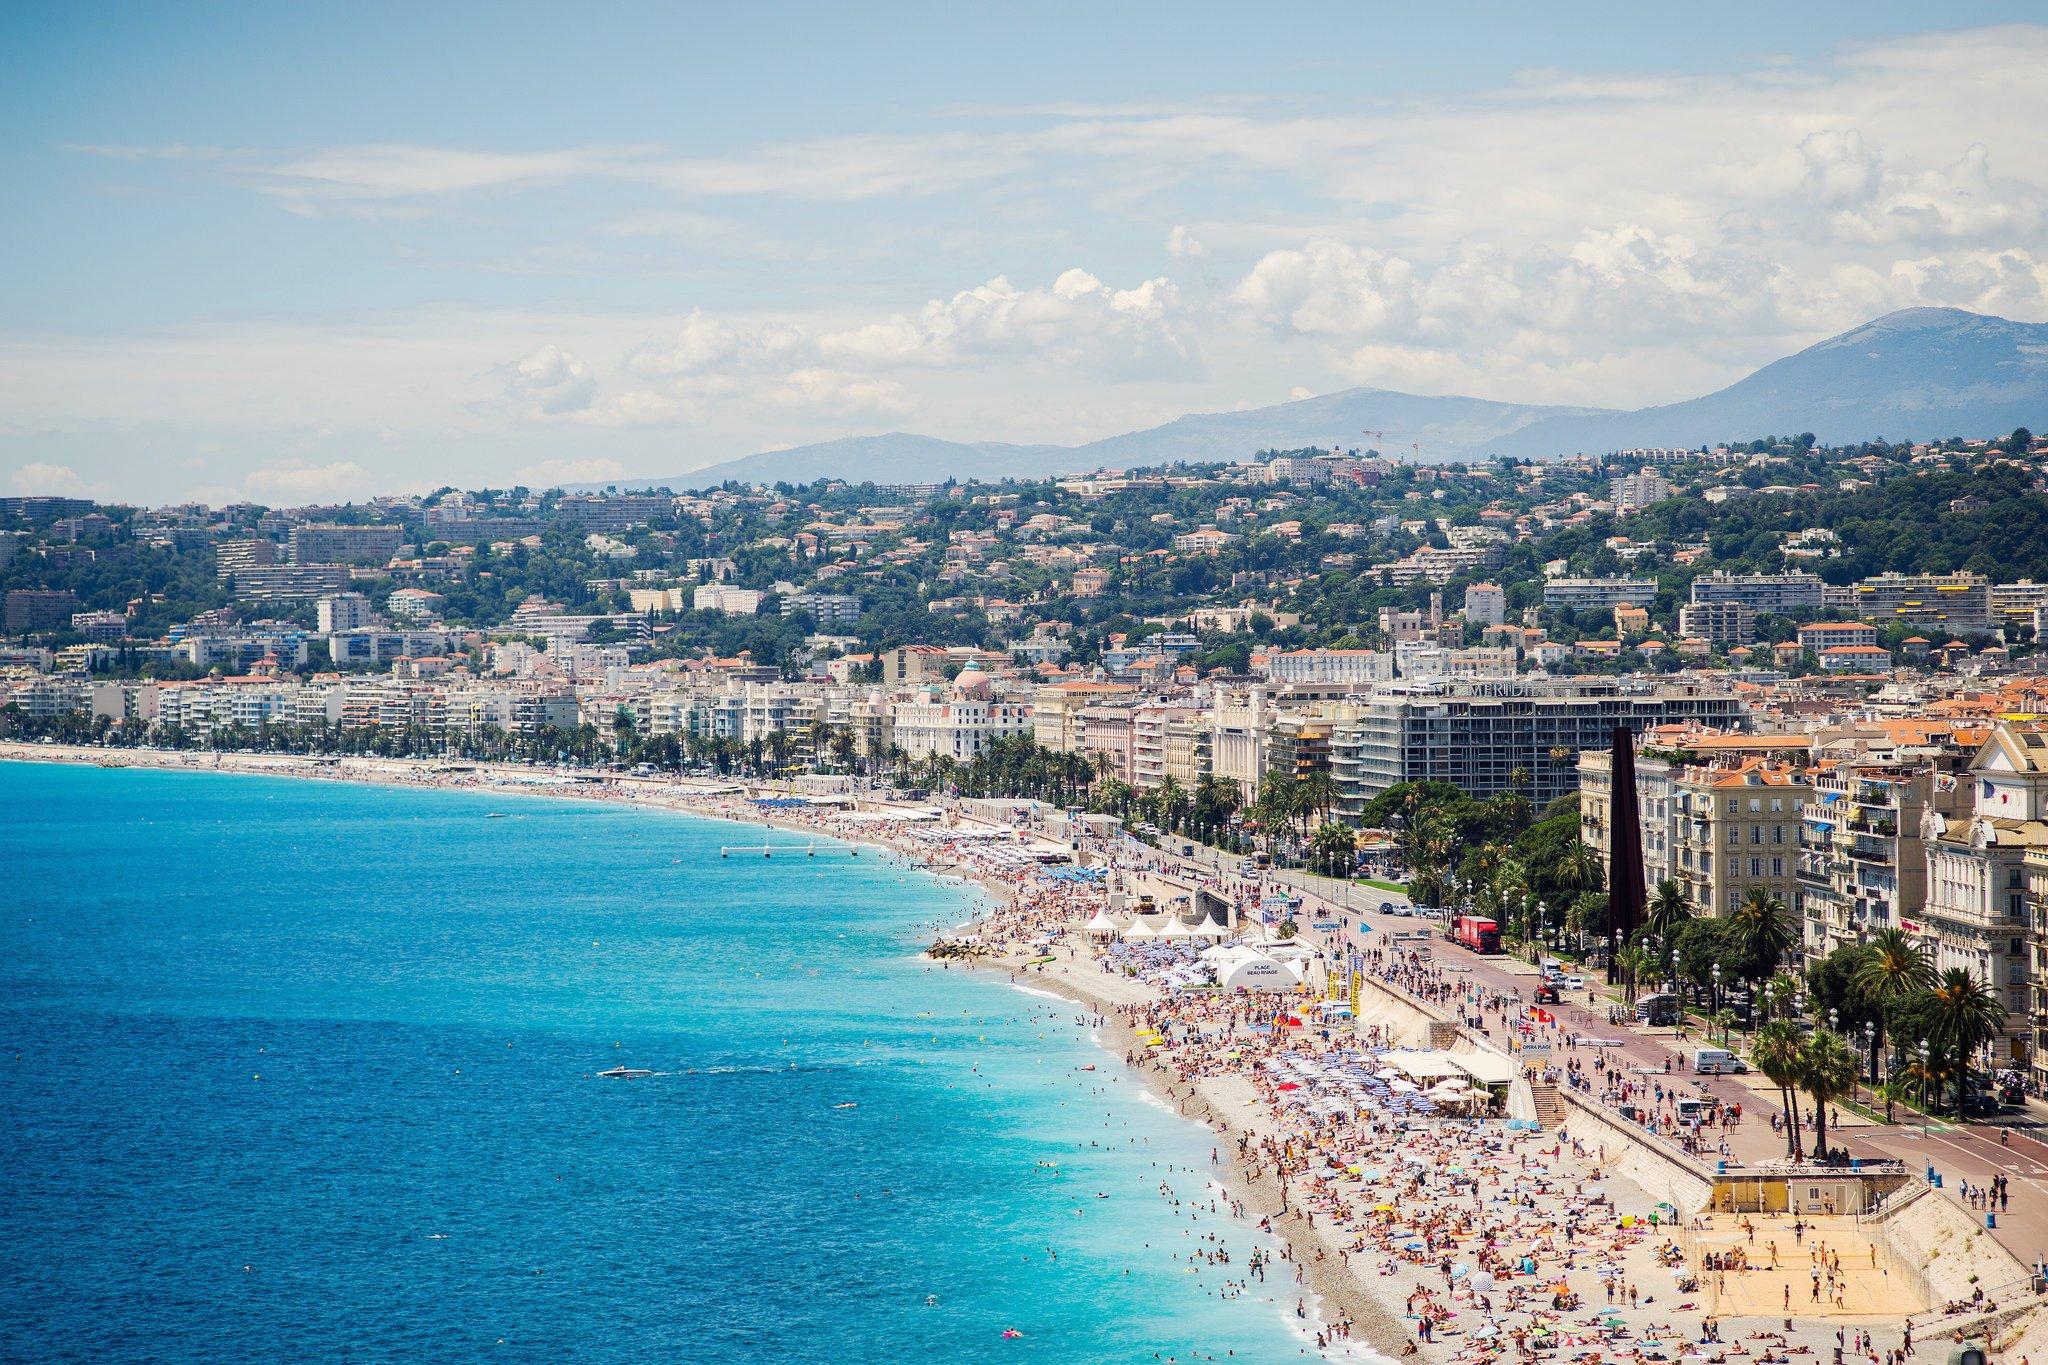 French Riviera by: Paul Rysz (CC)